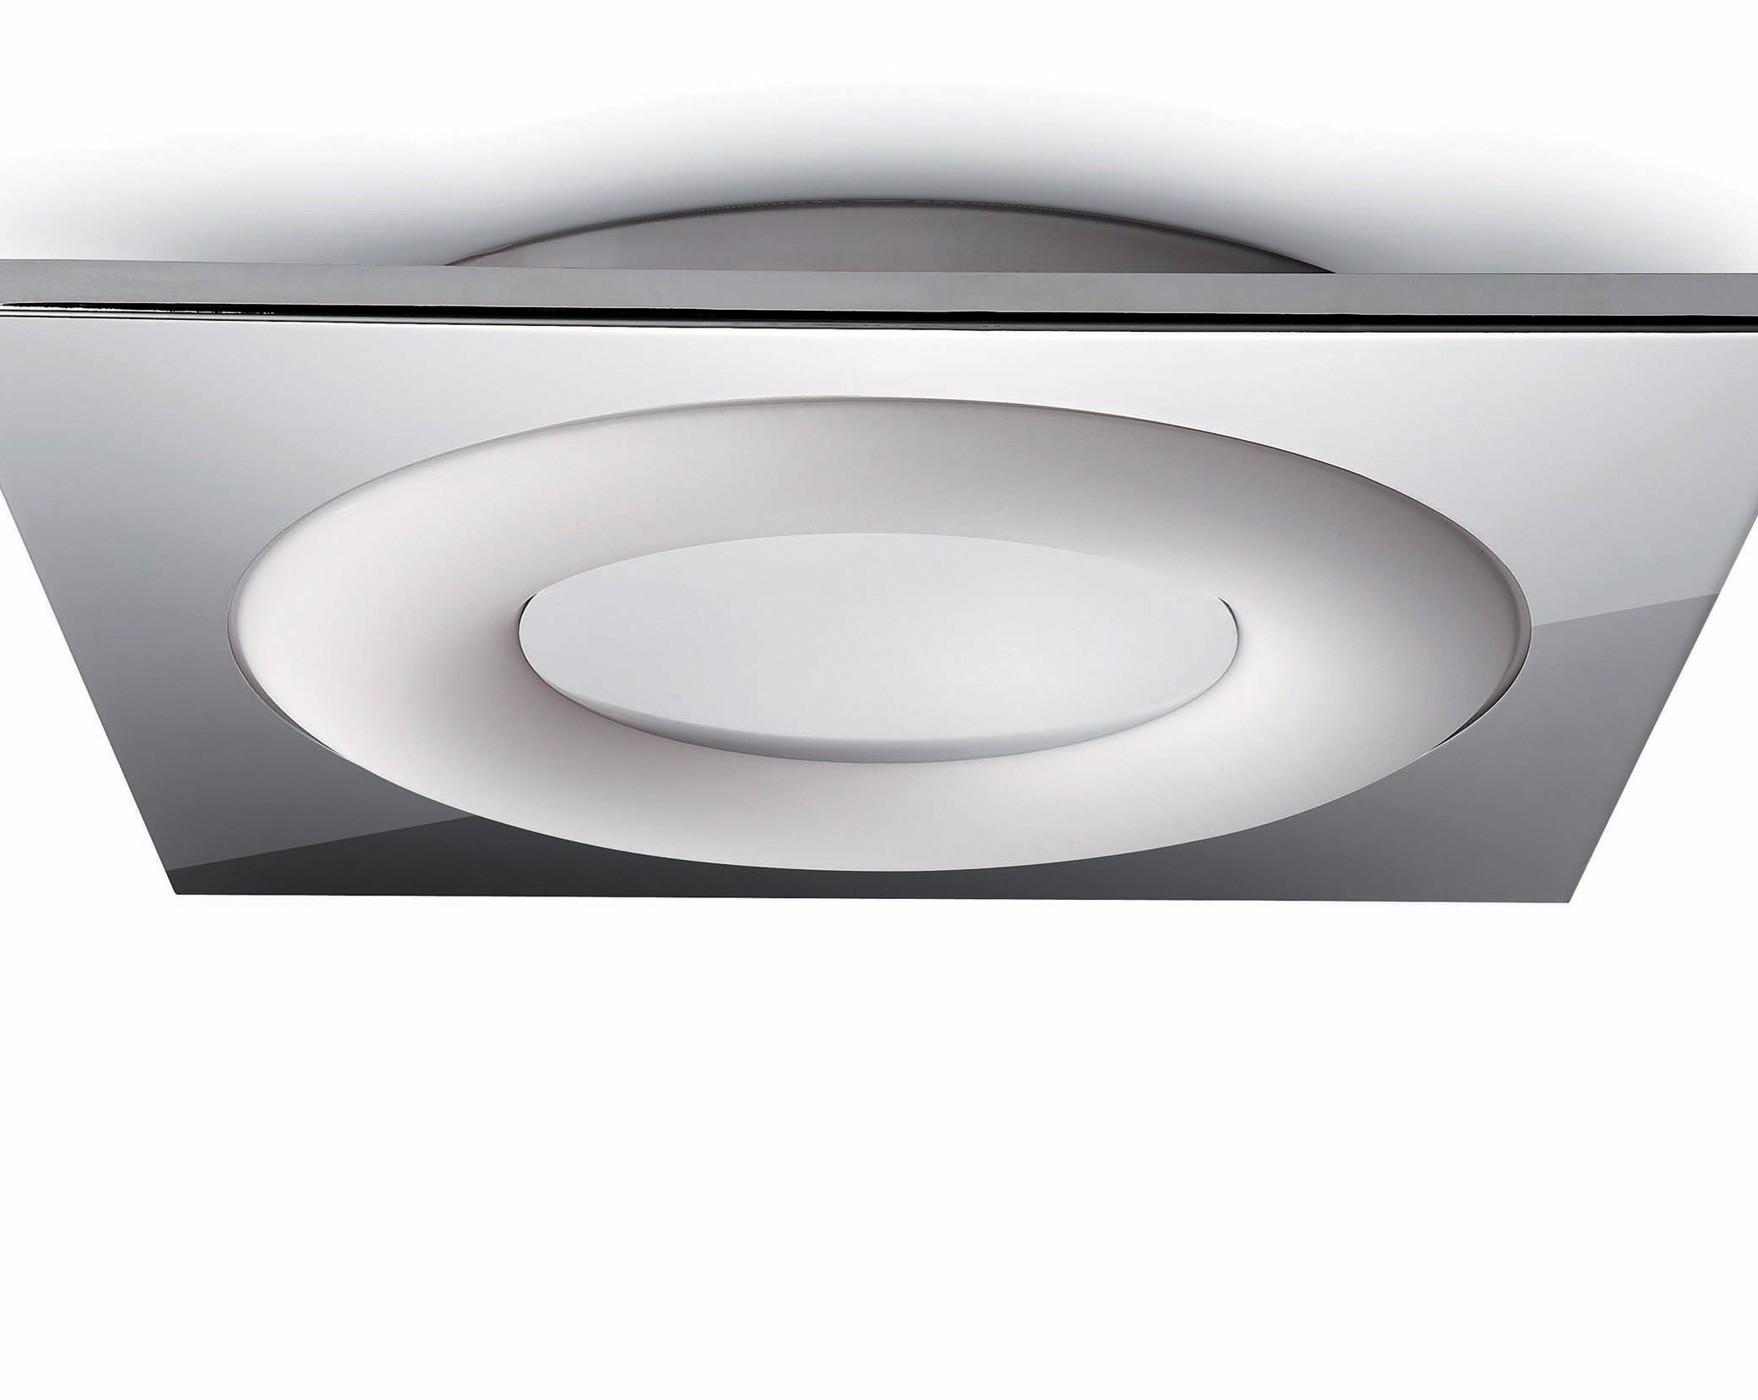 philips ecomoods deckenleuchte modern farbfilter leuchte. Black Bedroom Furniture Sets. Home Design Ideas